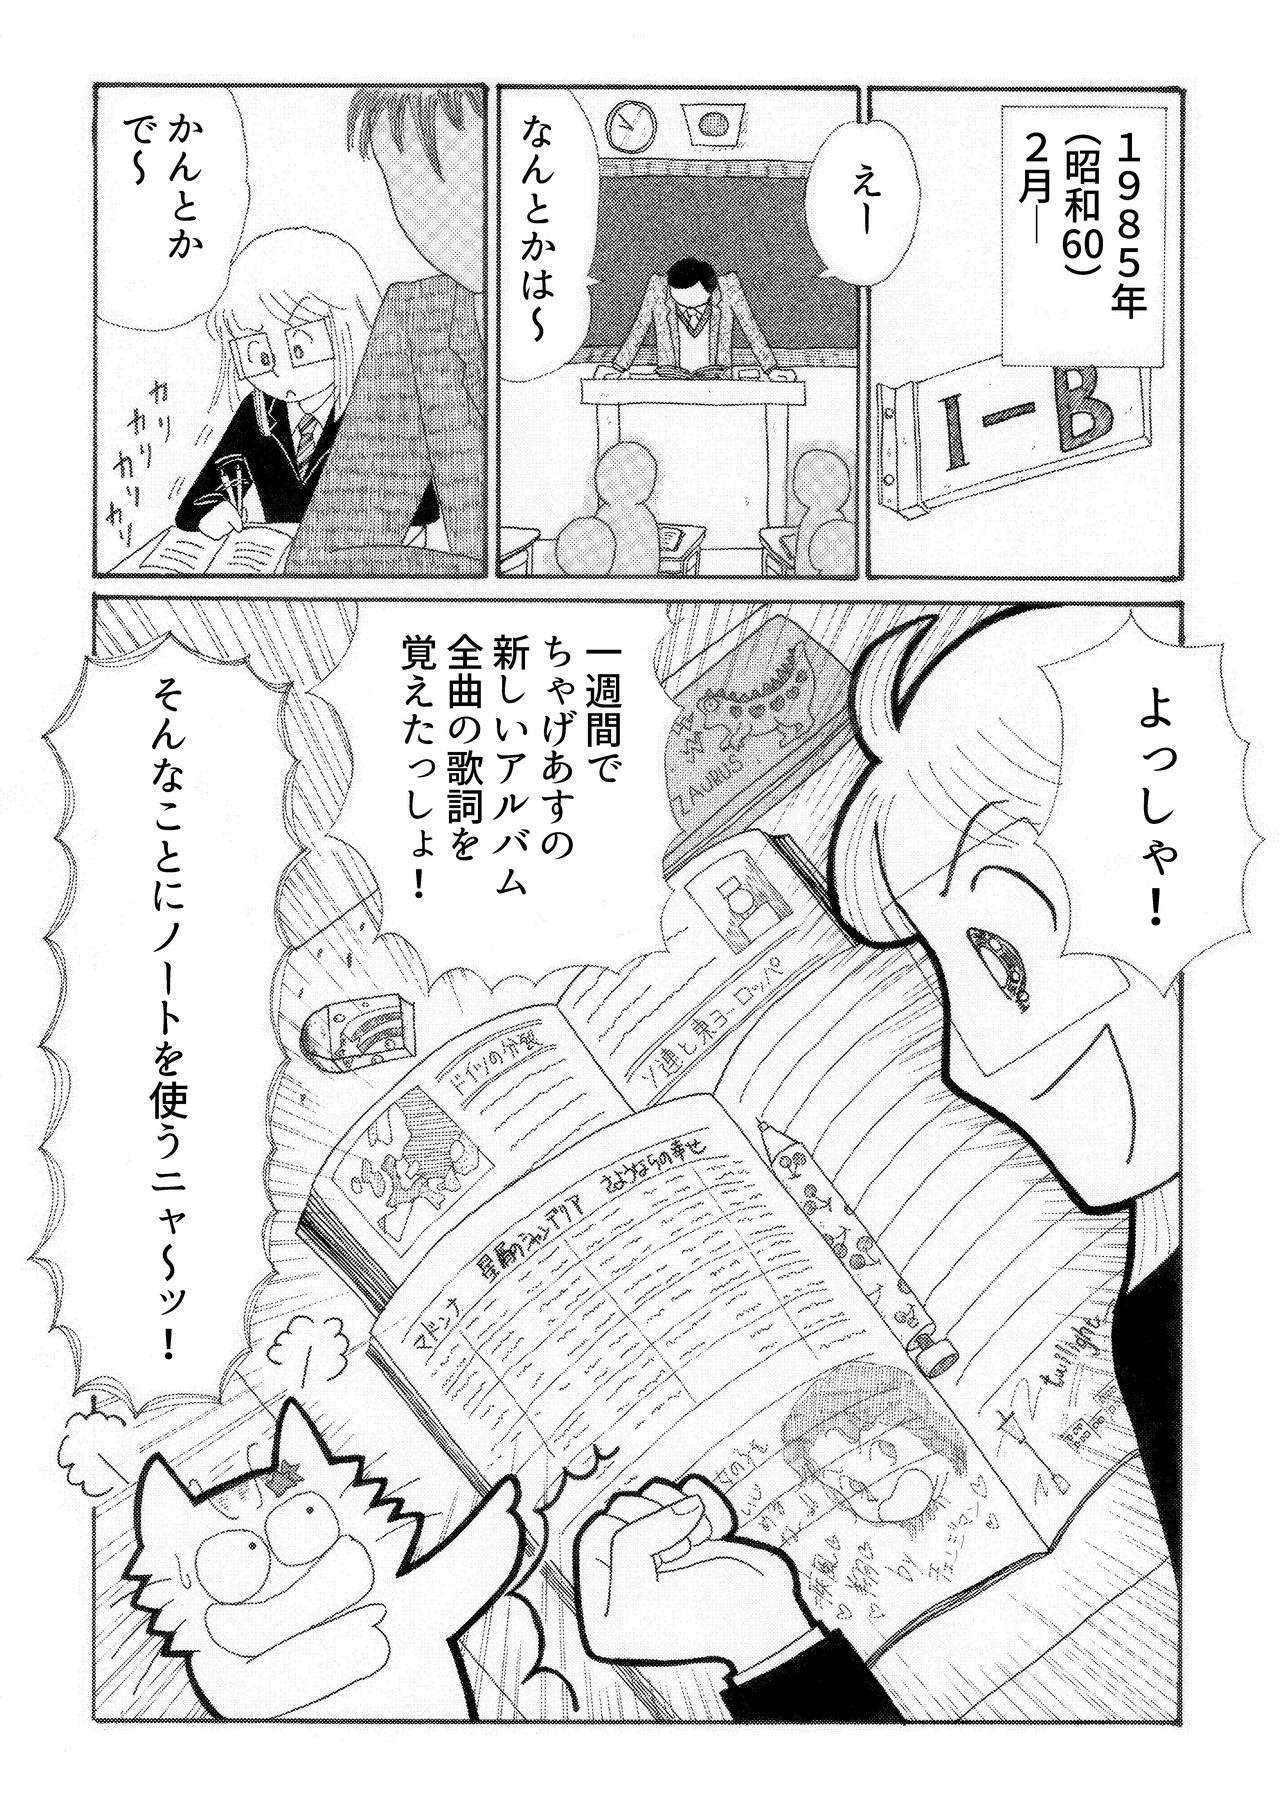 コミック5-1c-min